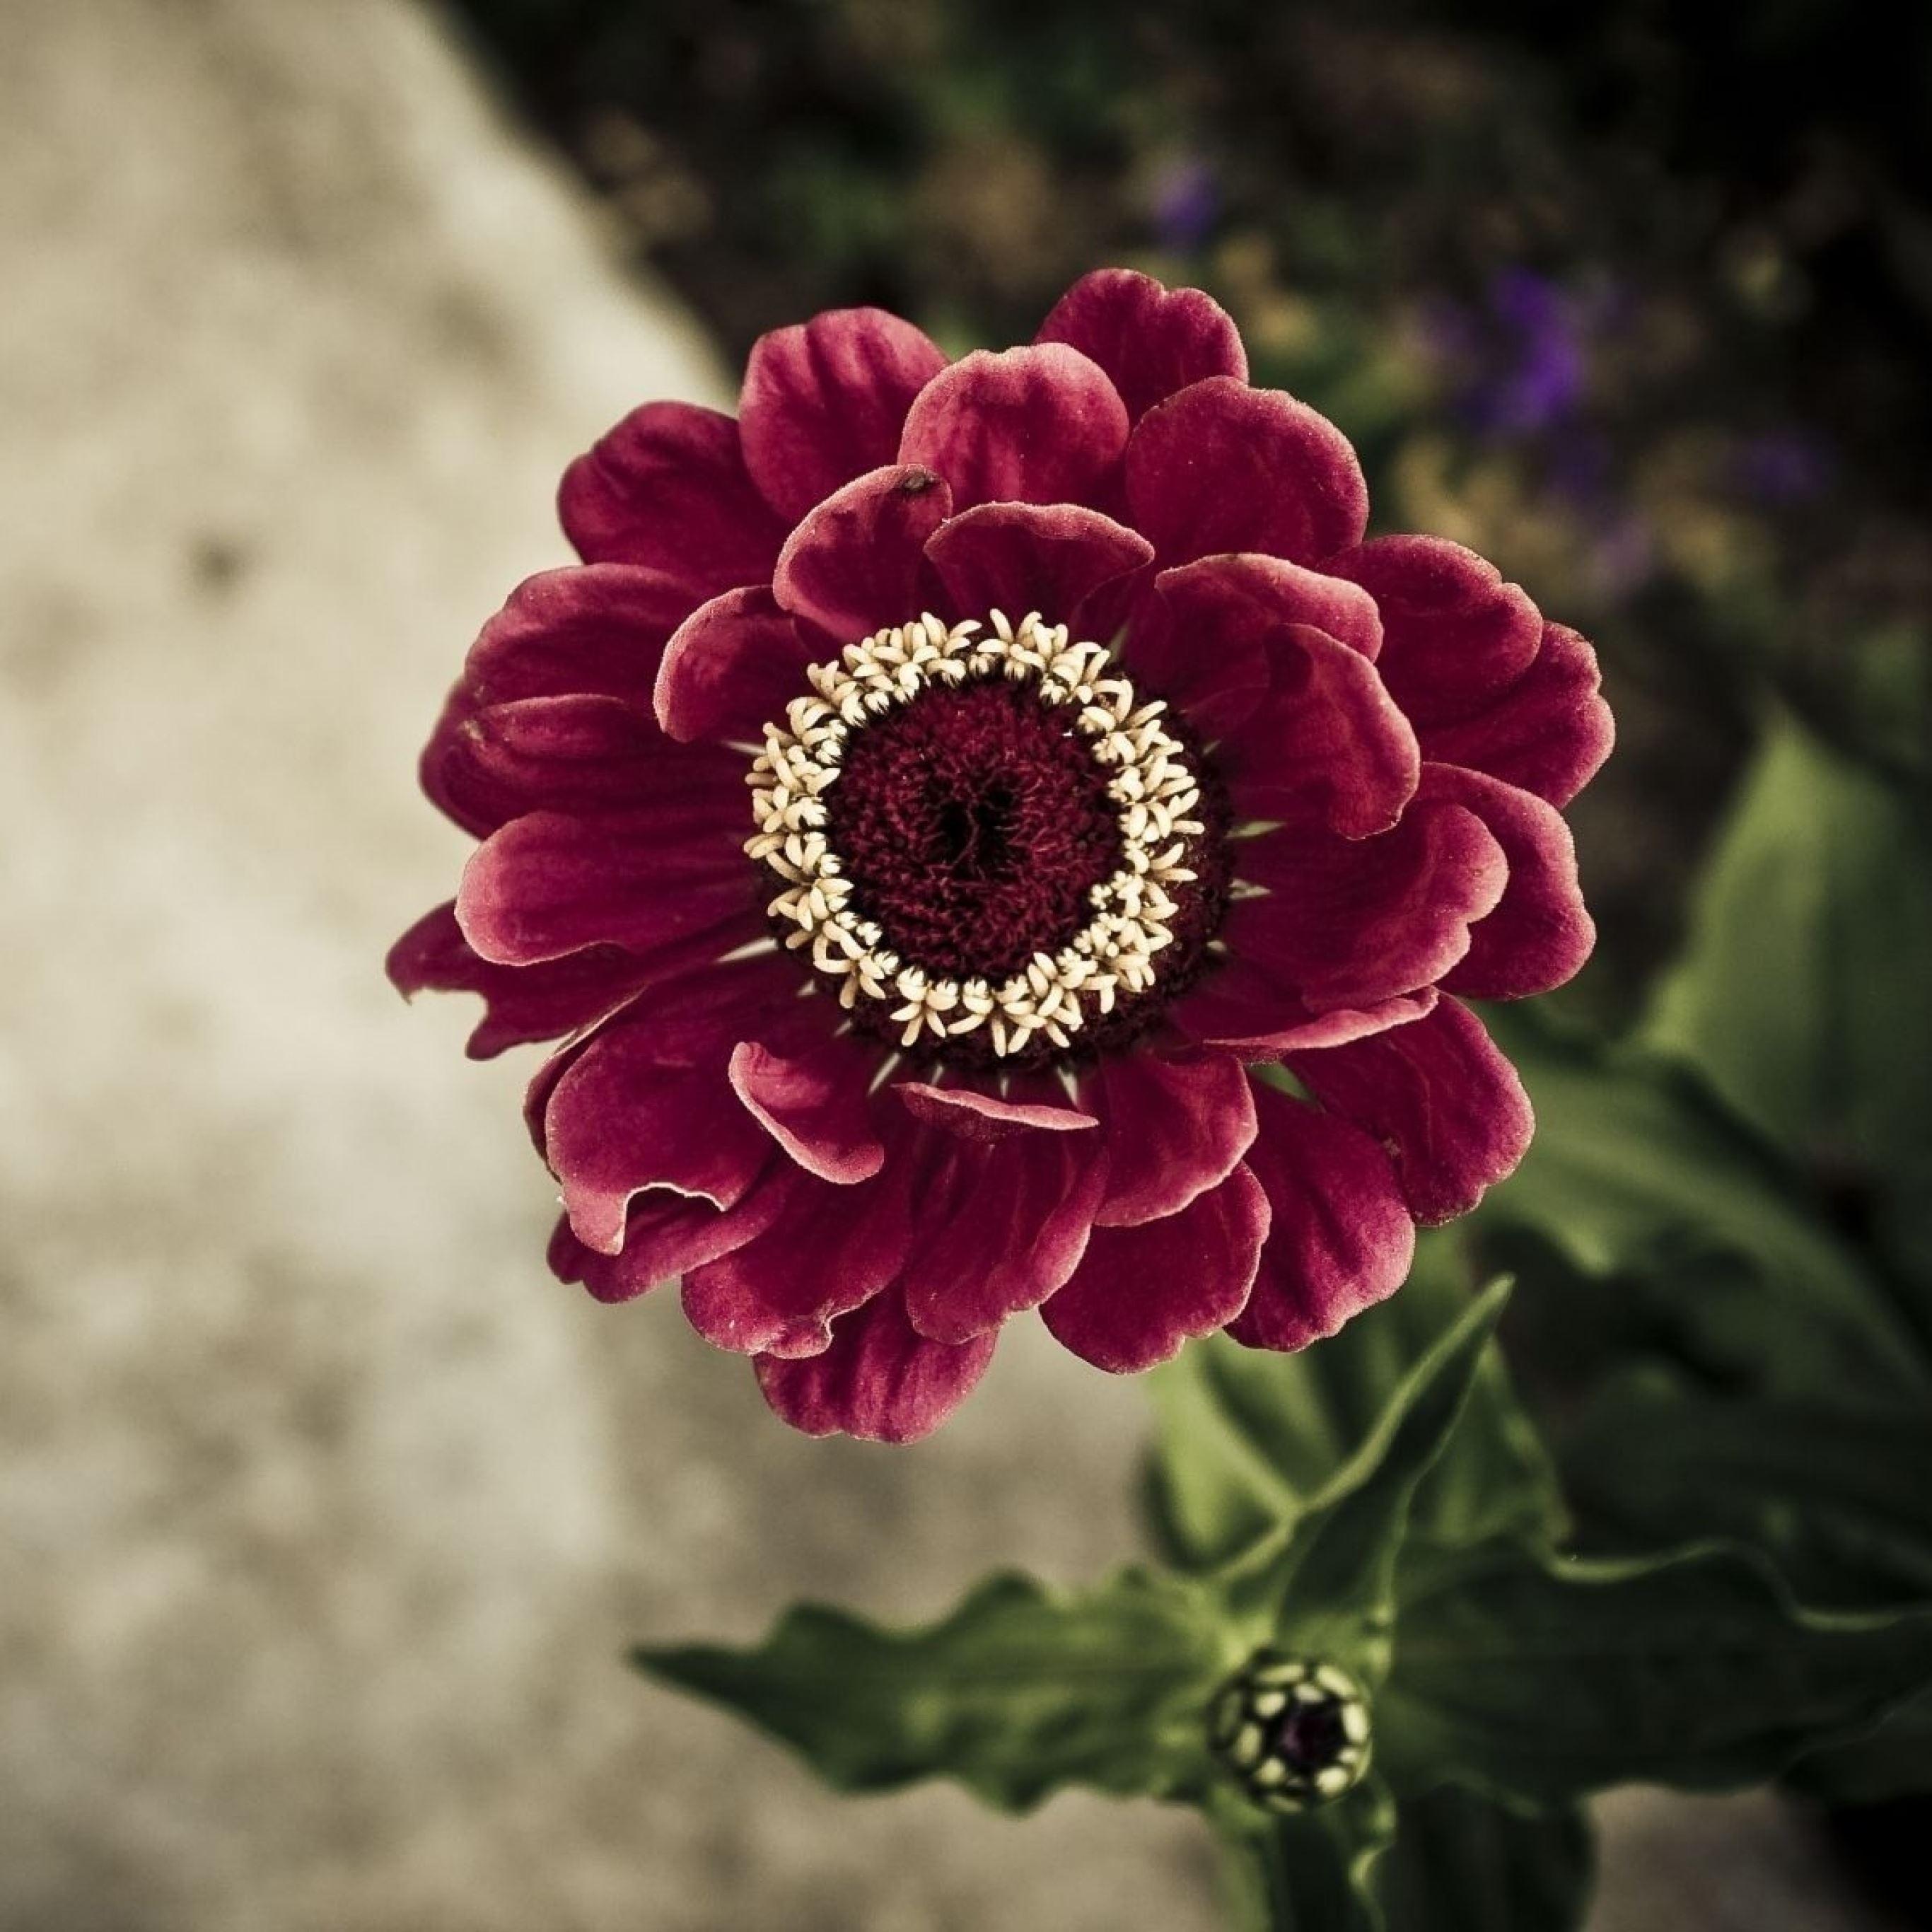 Flower petals iPad Pro wallpaper